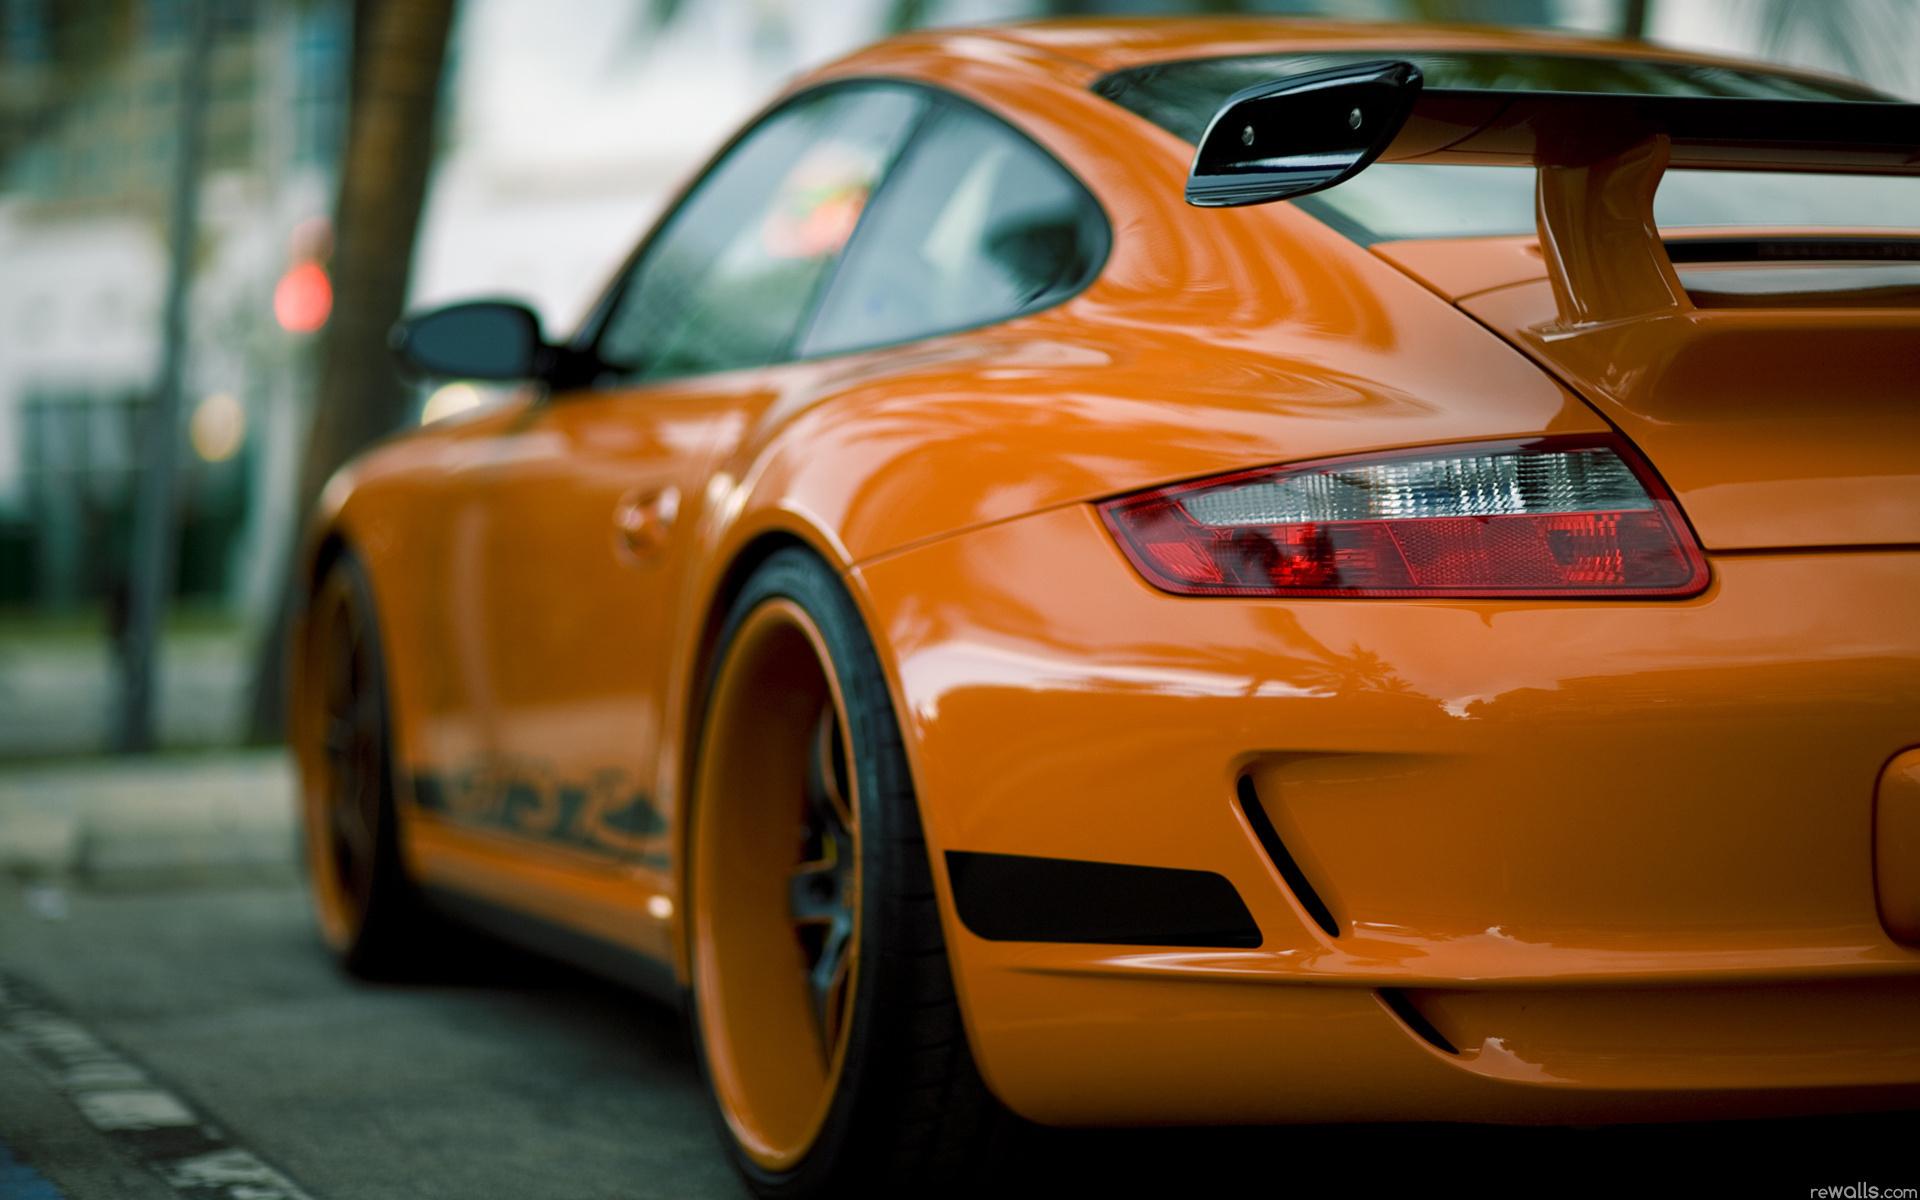 20409 скачать обои Транспорт, Машины, Порш (Porsche) - заставки и картинки бесплатно